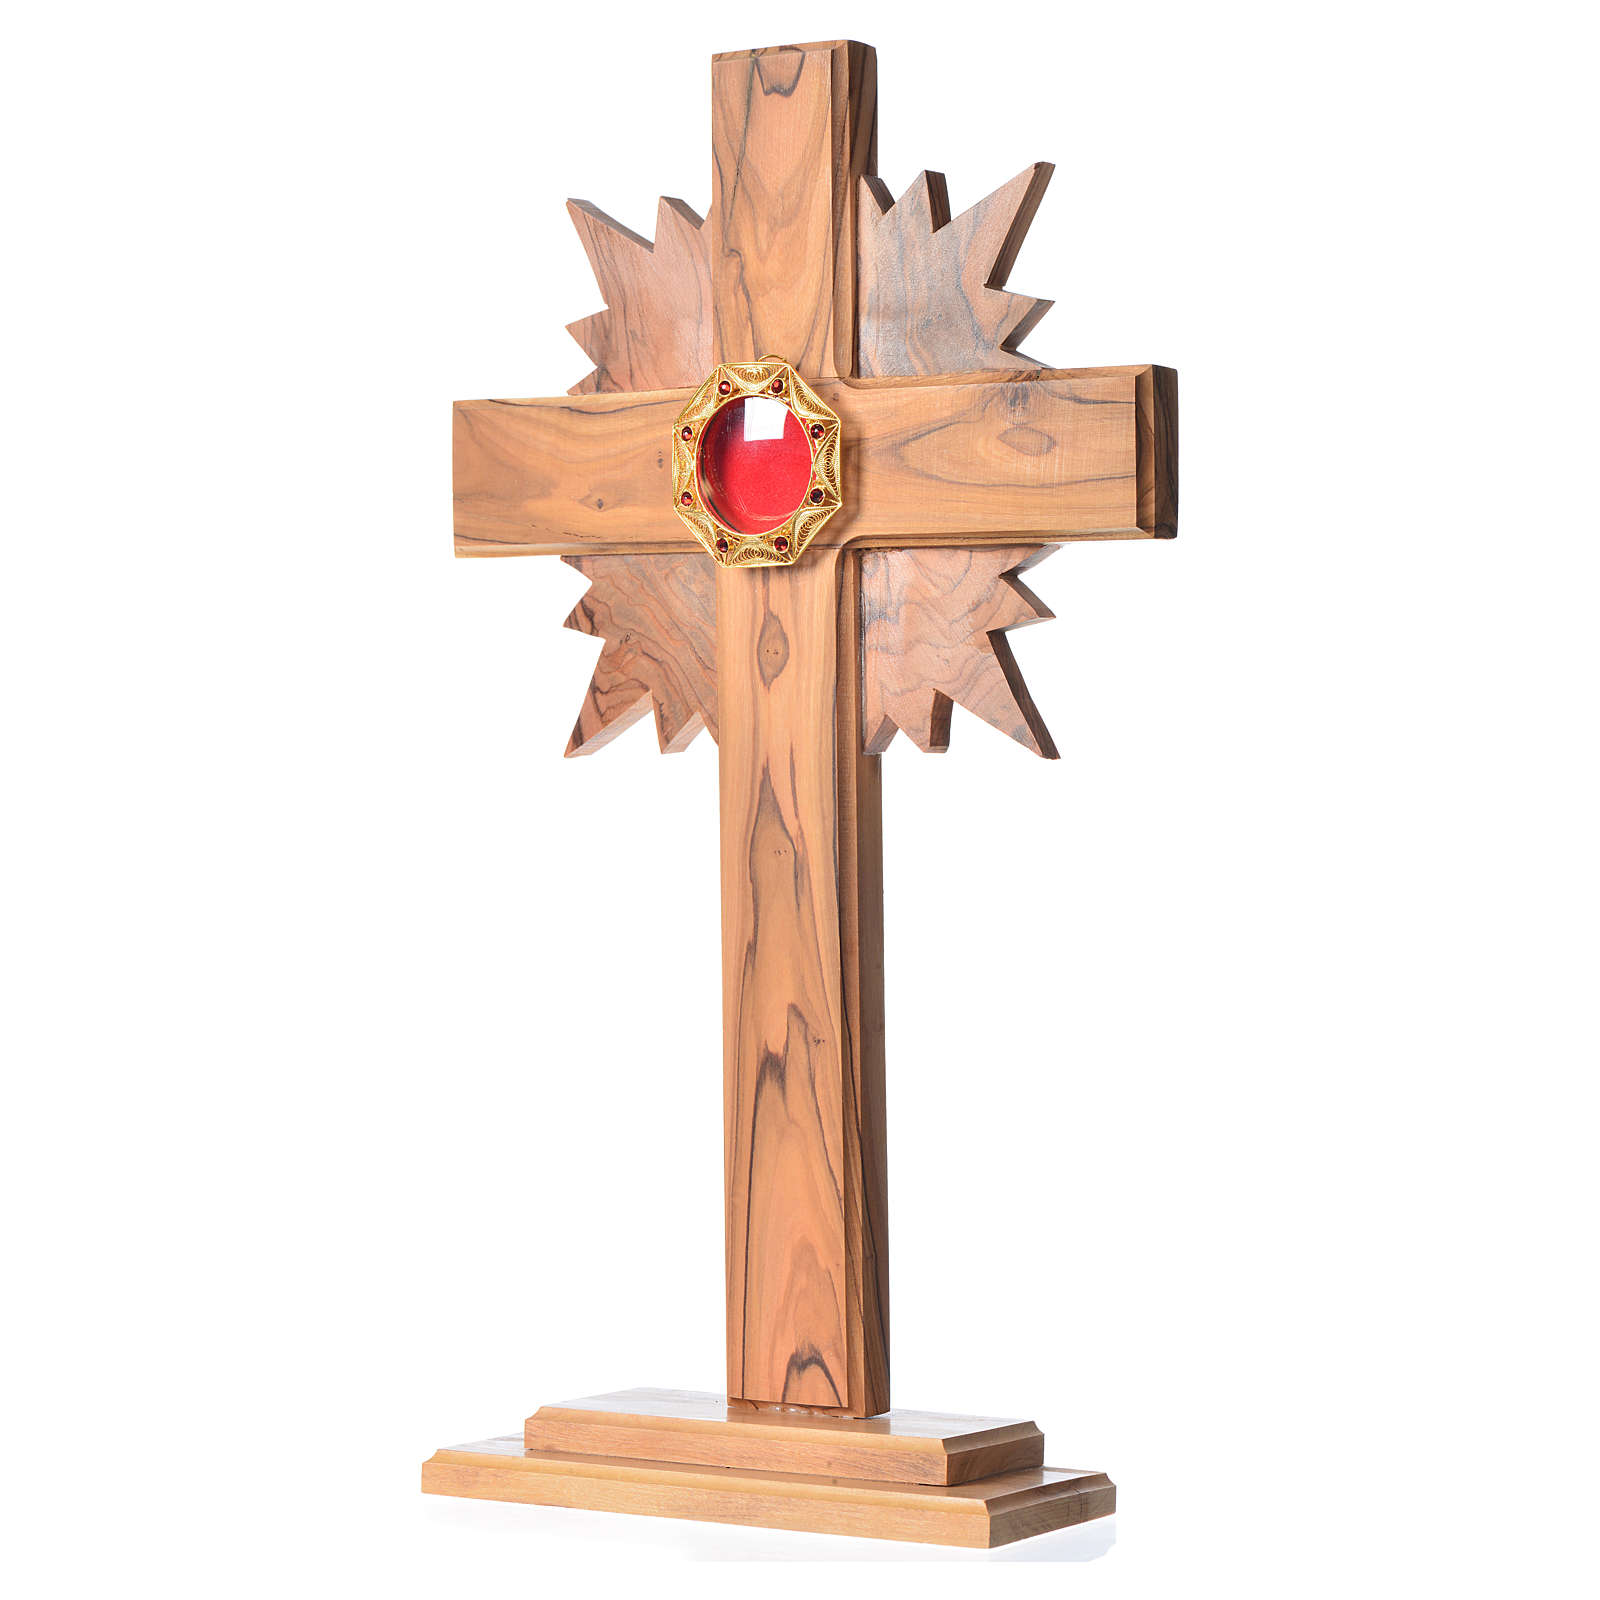 Relicário oliveira resplendor cruz 29 cm luneta octogonal prata 800 4